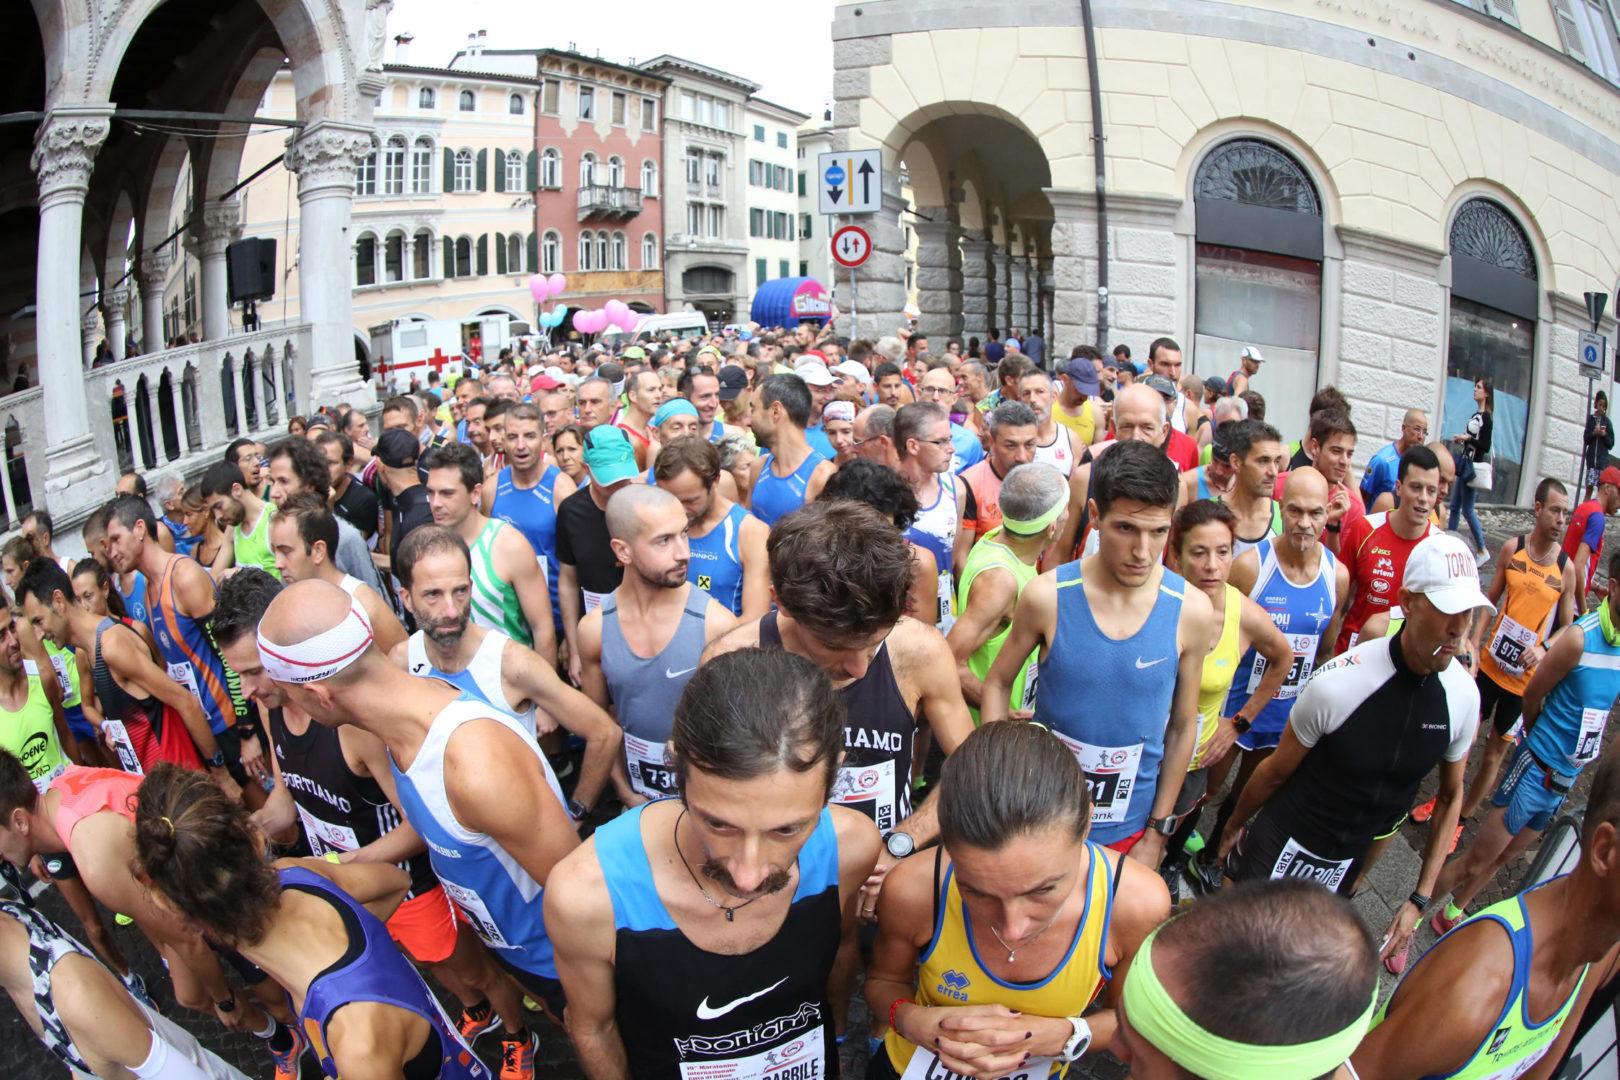 Maratonina Città di Udine, sale a 1000 il tetto dei partecipanti. Lunedì 17 maggio iscrizioni al via